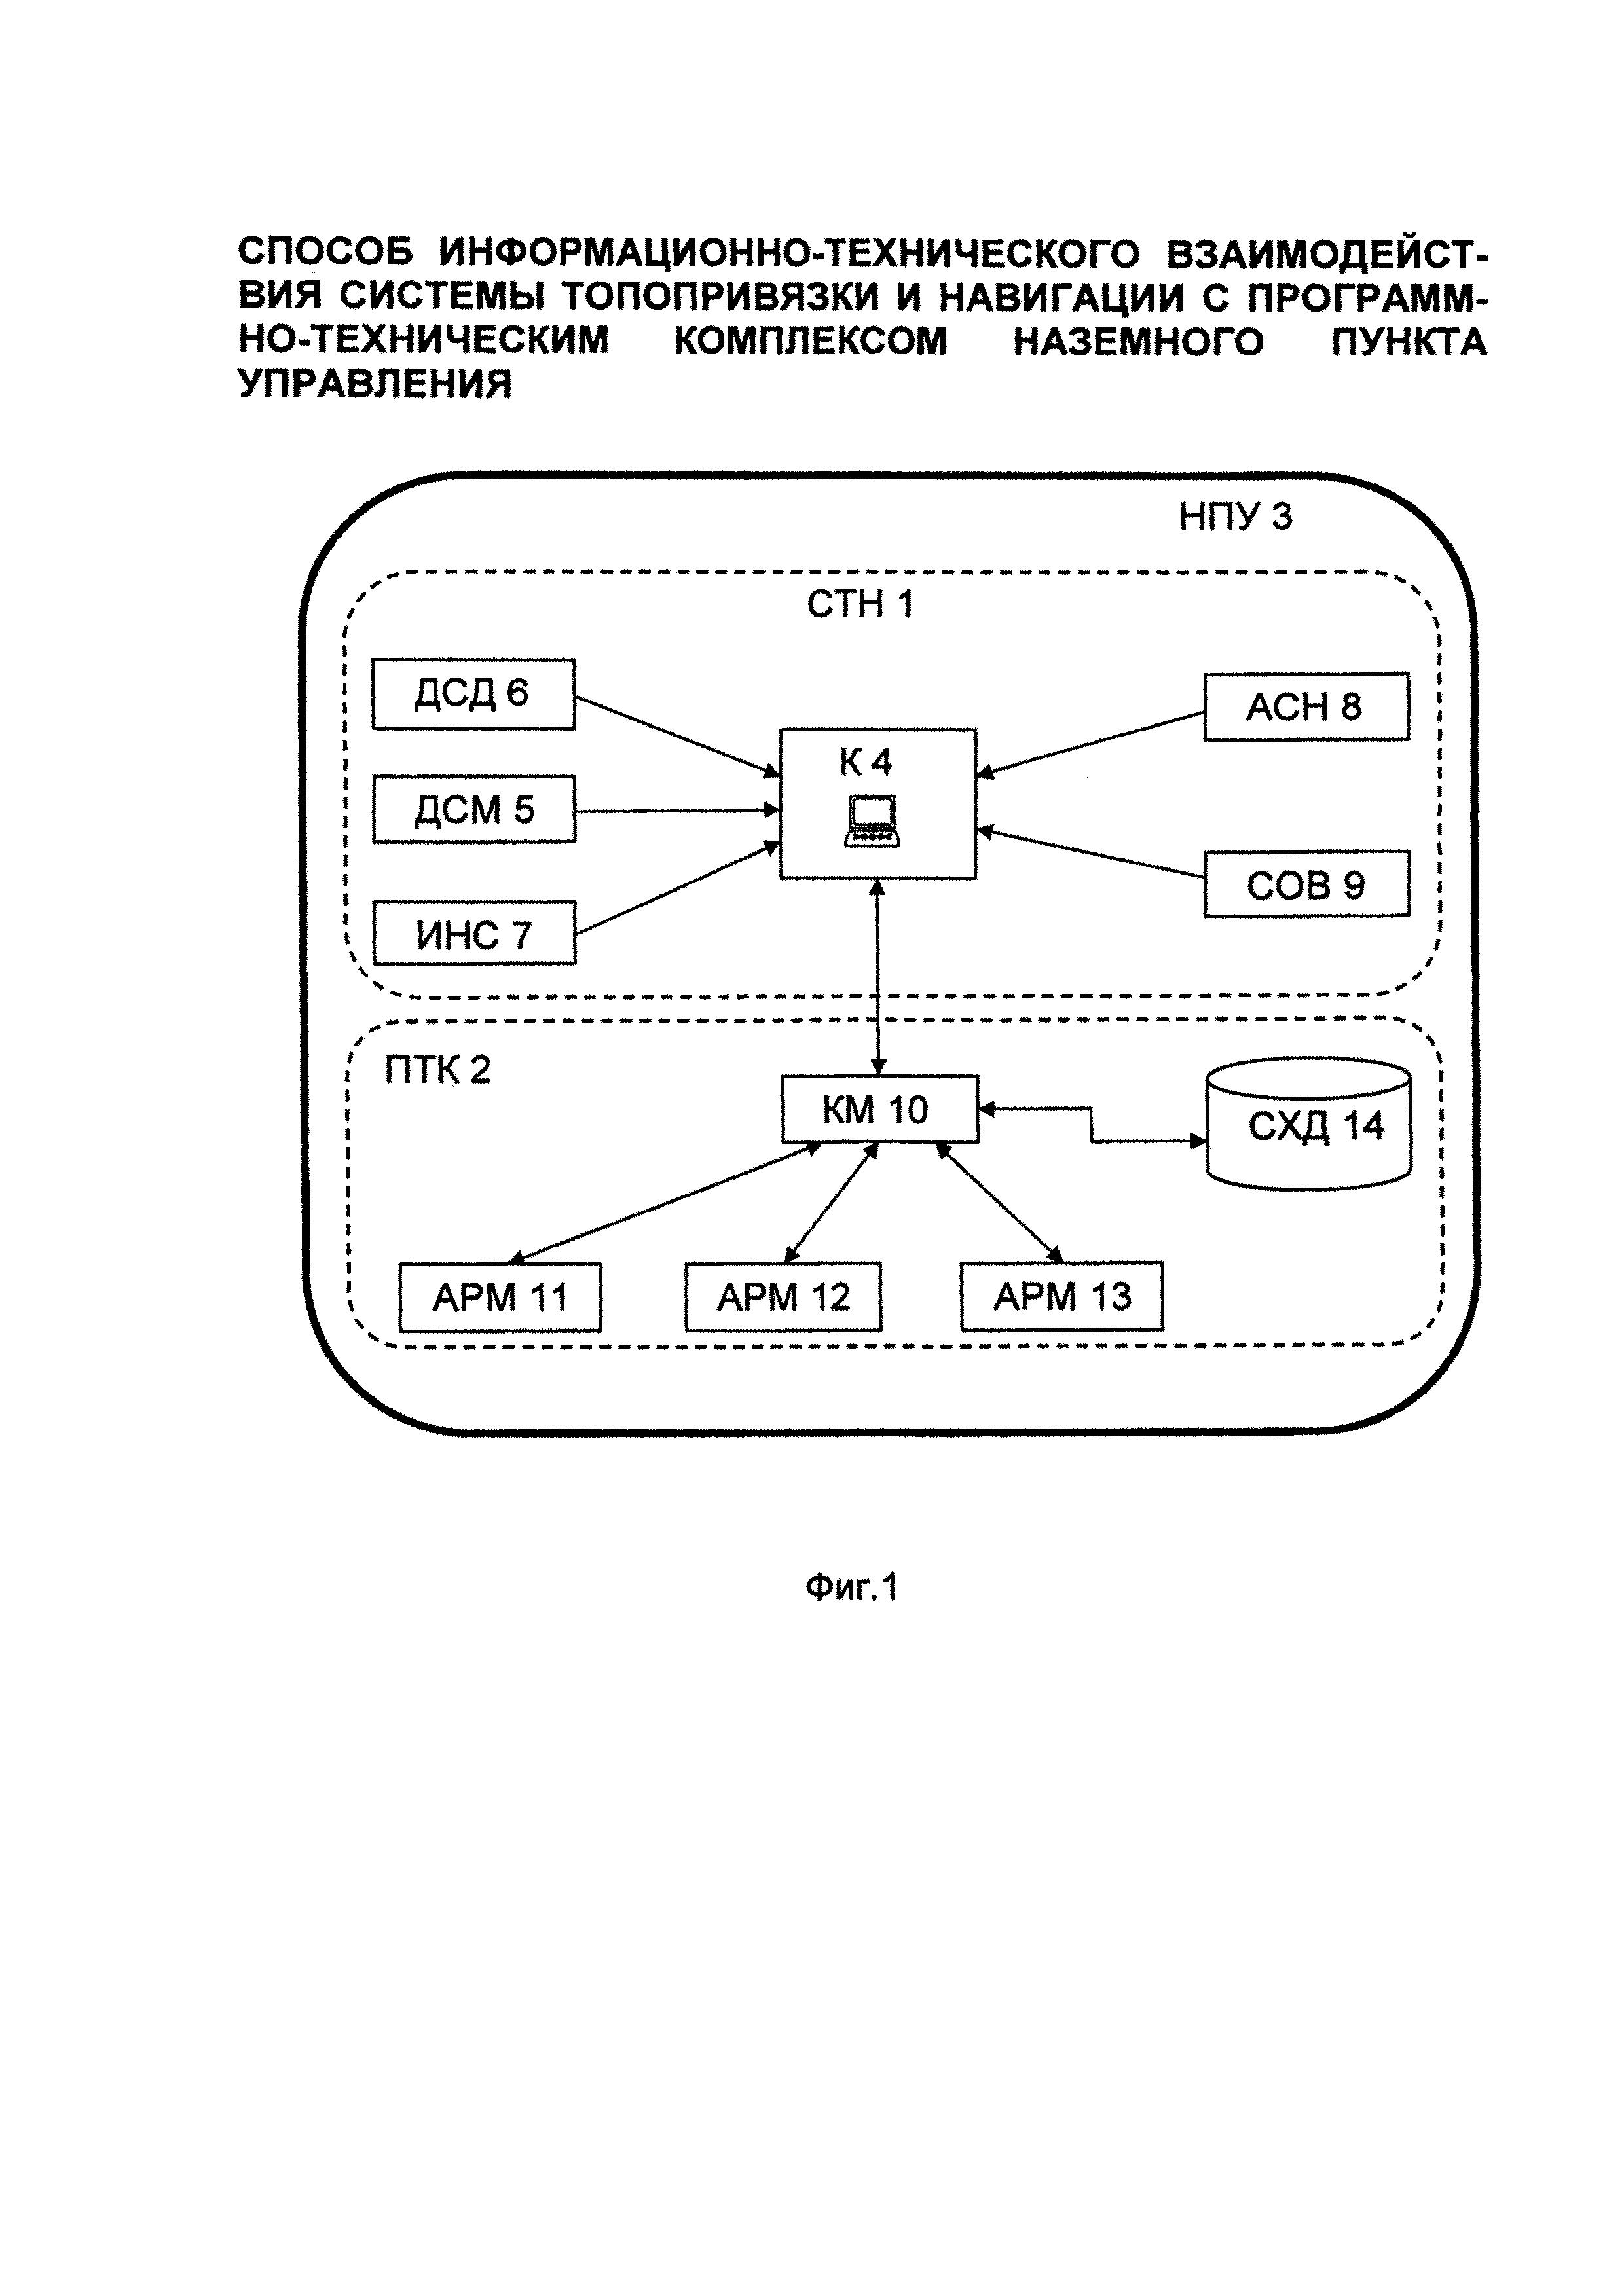 Способ информационно-технического взаимодействия системы топопривязки и навигации с программно-техническим комплексом наземного пункта управления